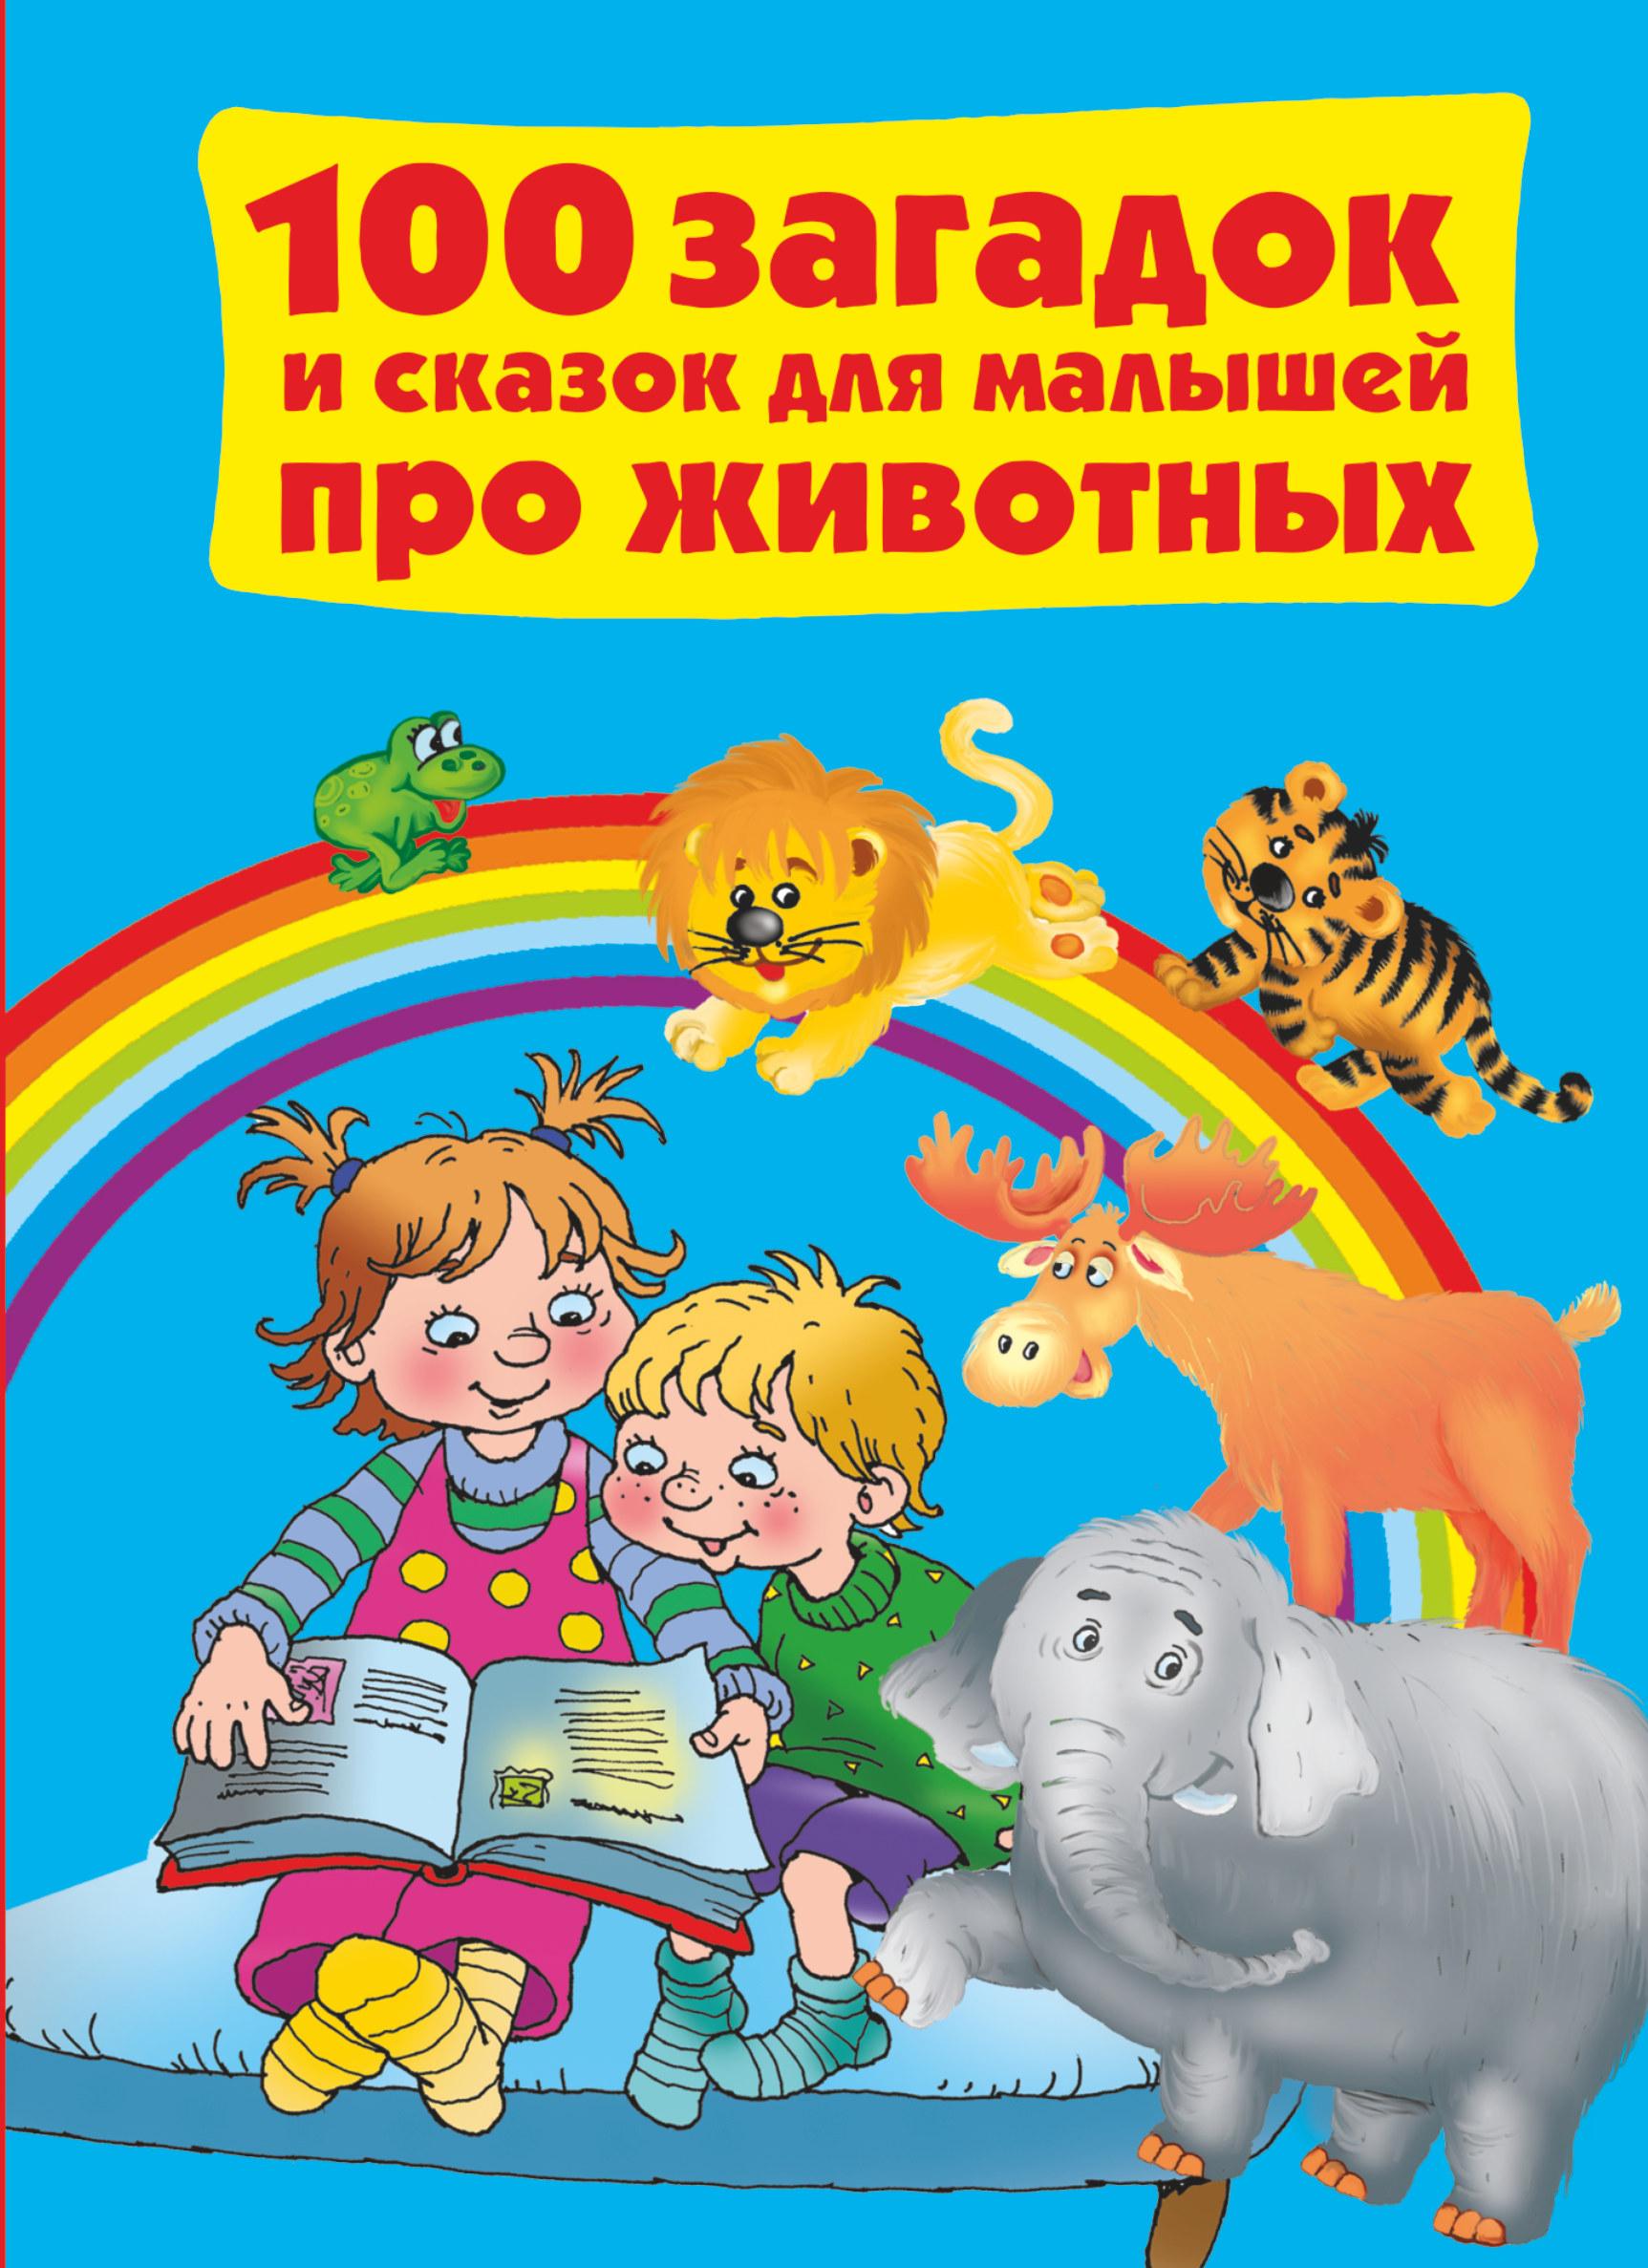 100 загадок и сказок для малышей про животных